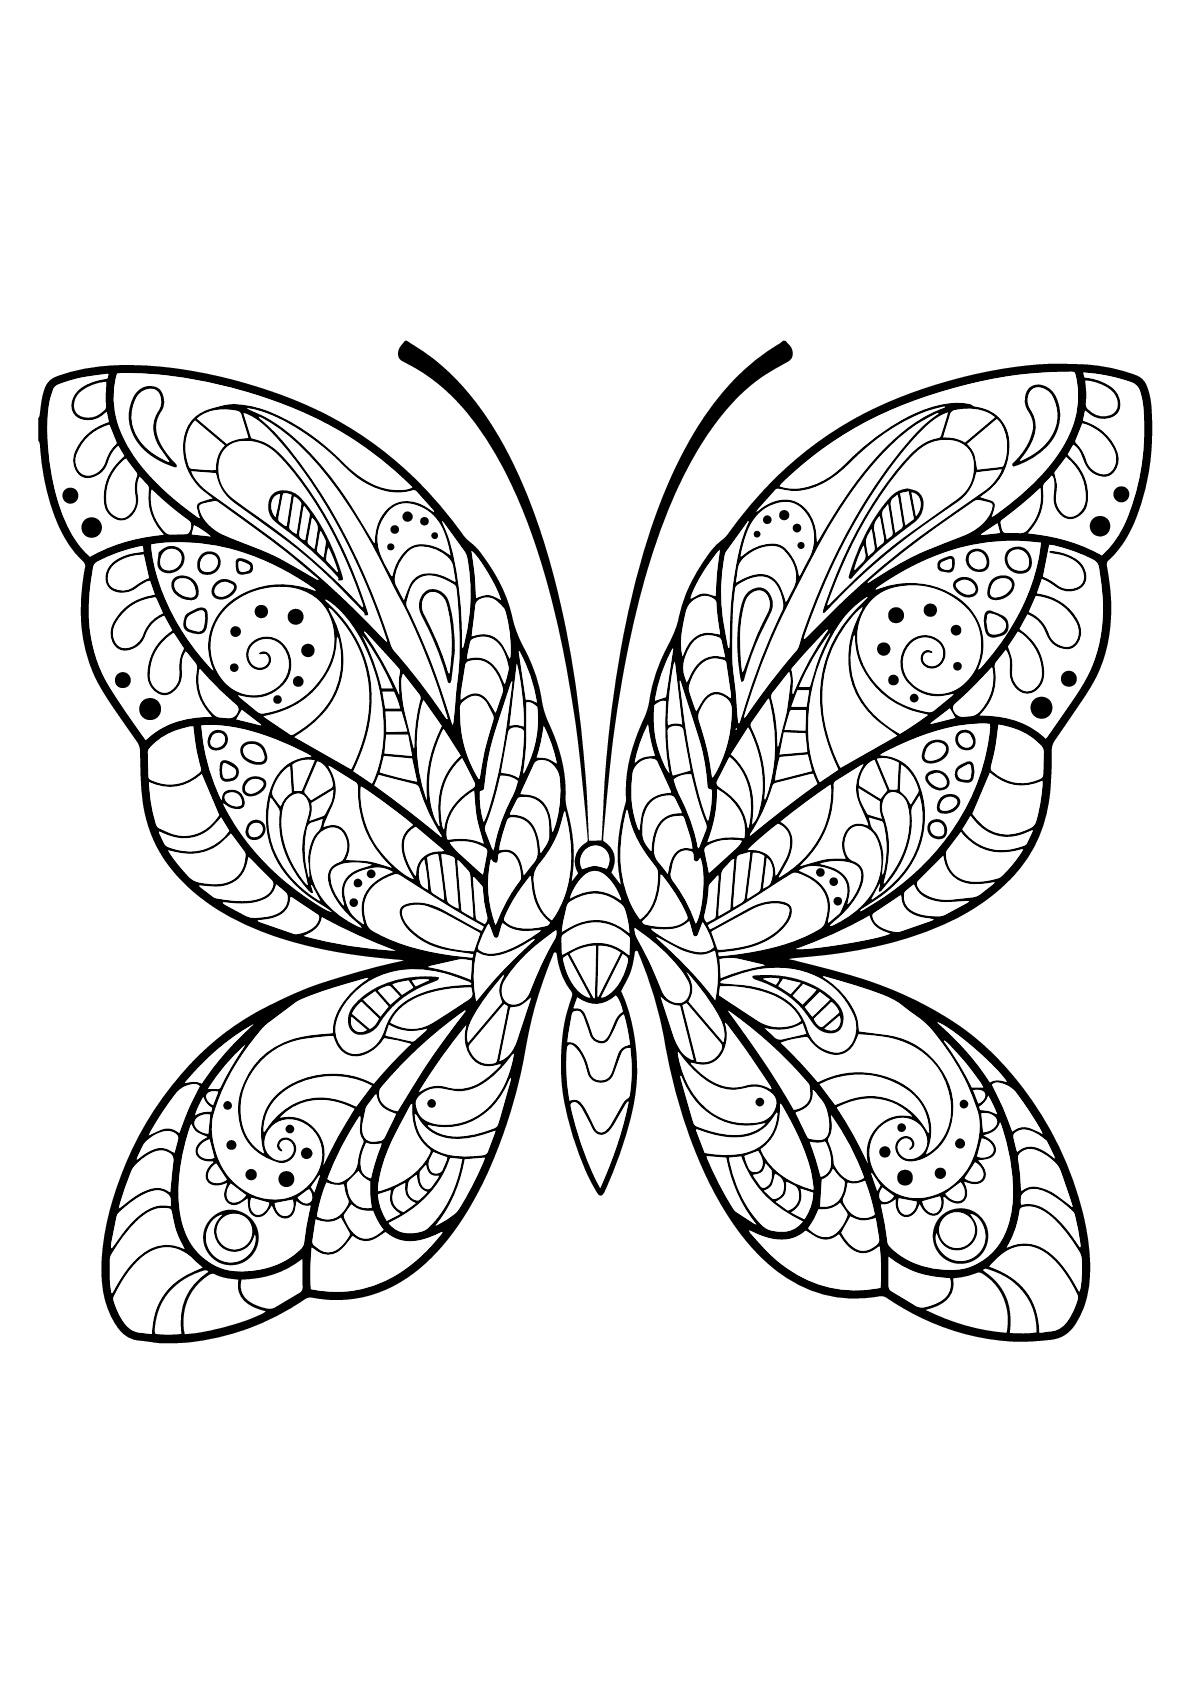 Coloriage d'un papillon avec des superbes motifs - 2